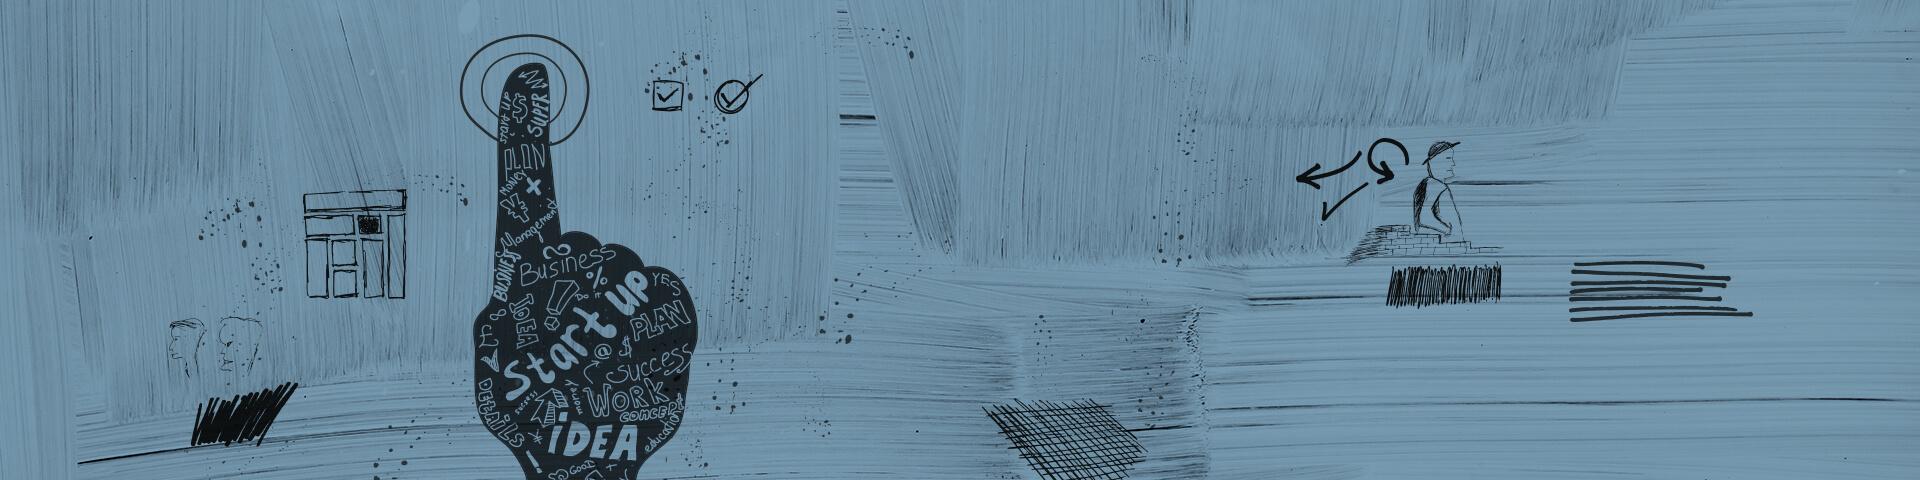 Attraktive Fliesen Für Den Objektbereich Mit Rutschhemmung - Rutschfestigkeitsklasse fliesen